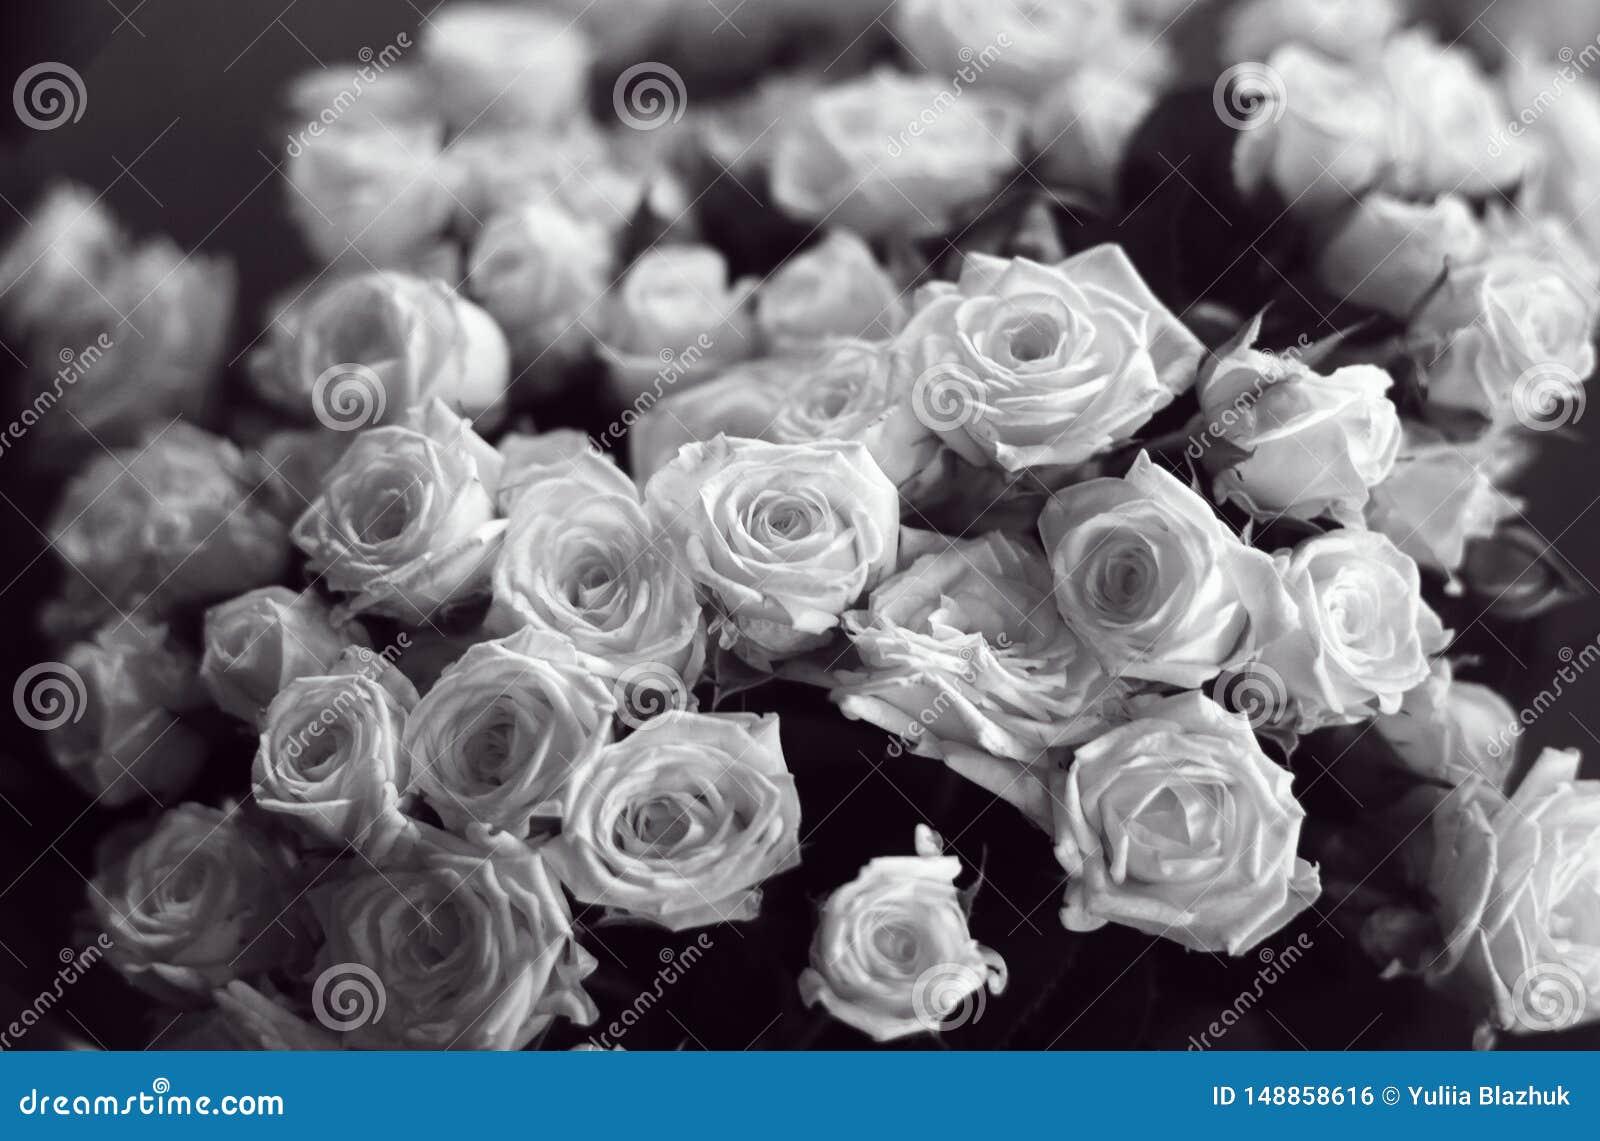 Grupo bonito das rosas preto e branco próximas acima da imagem